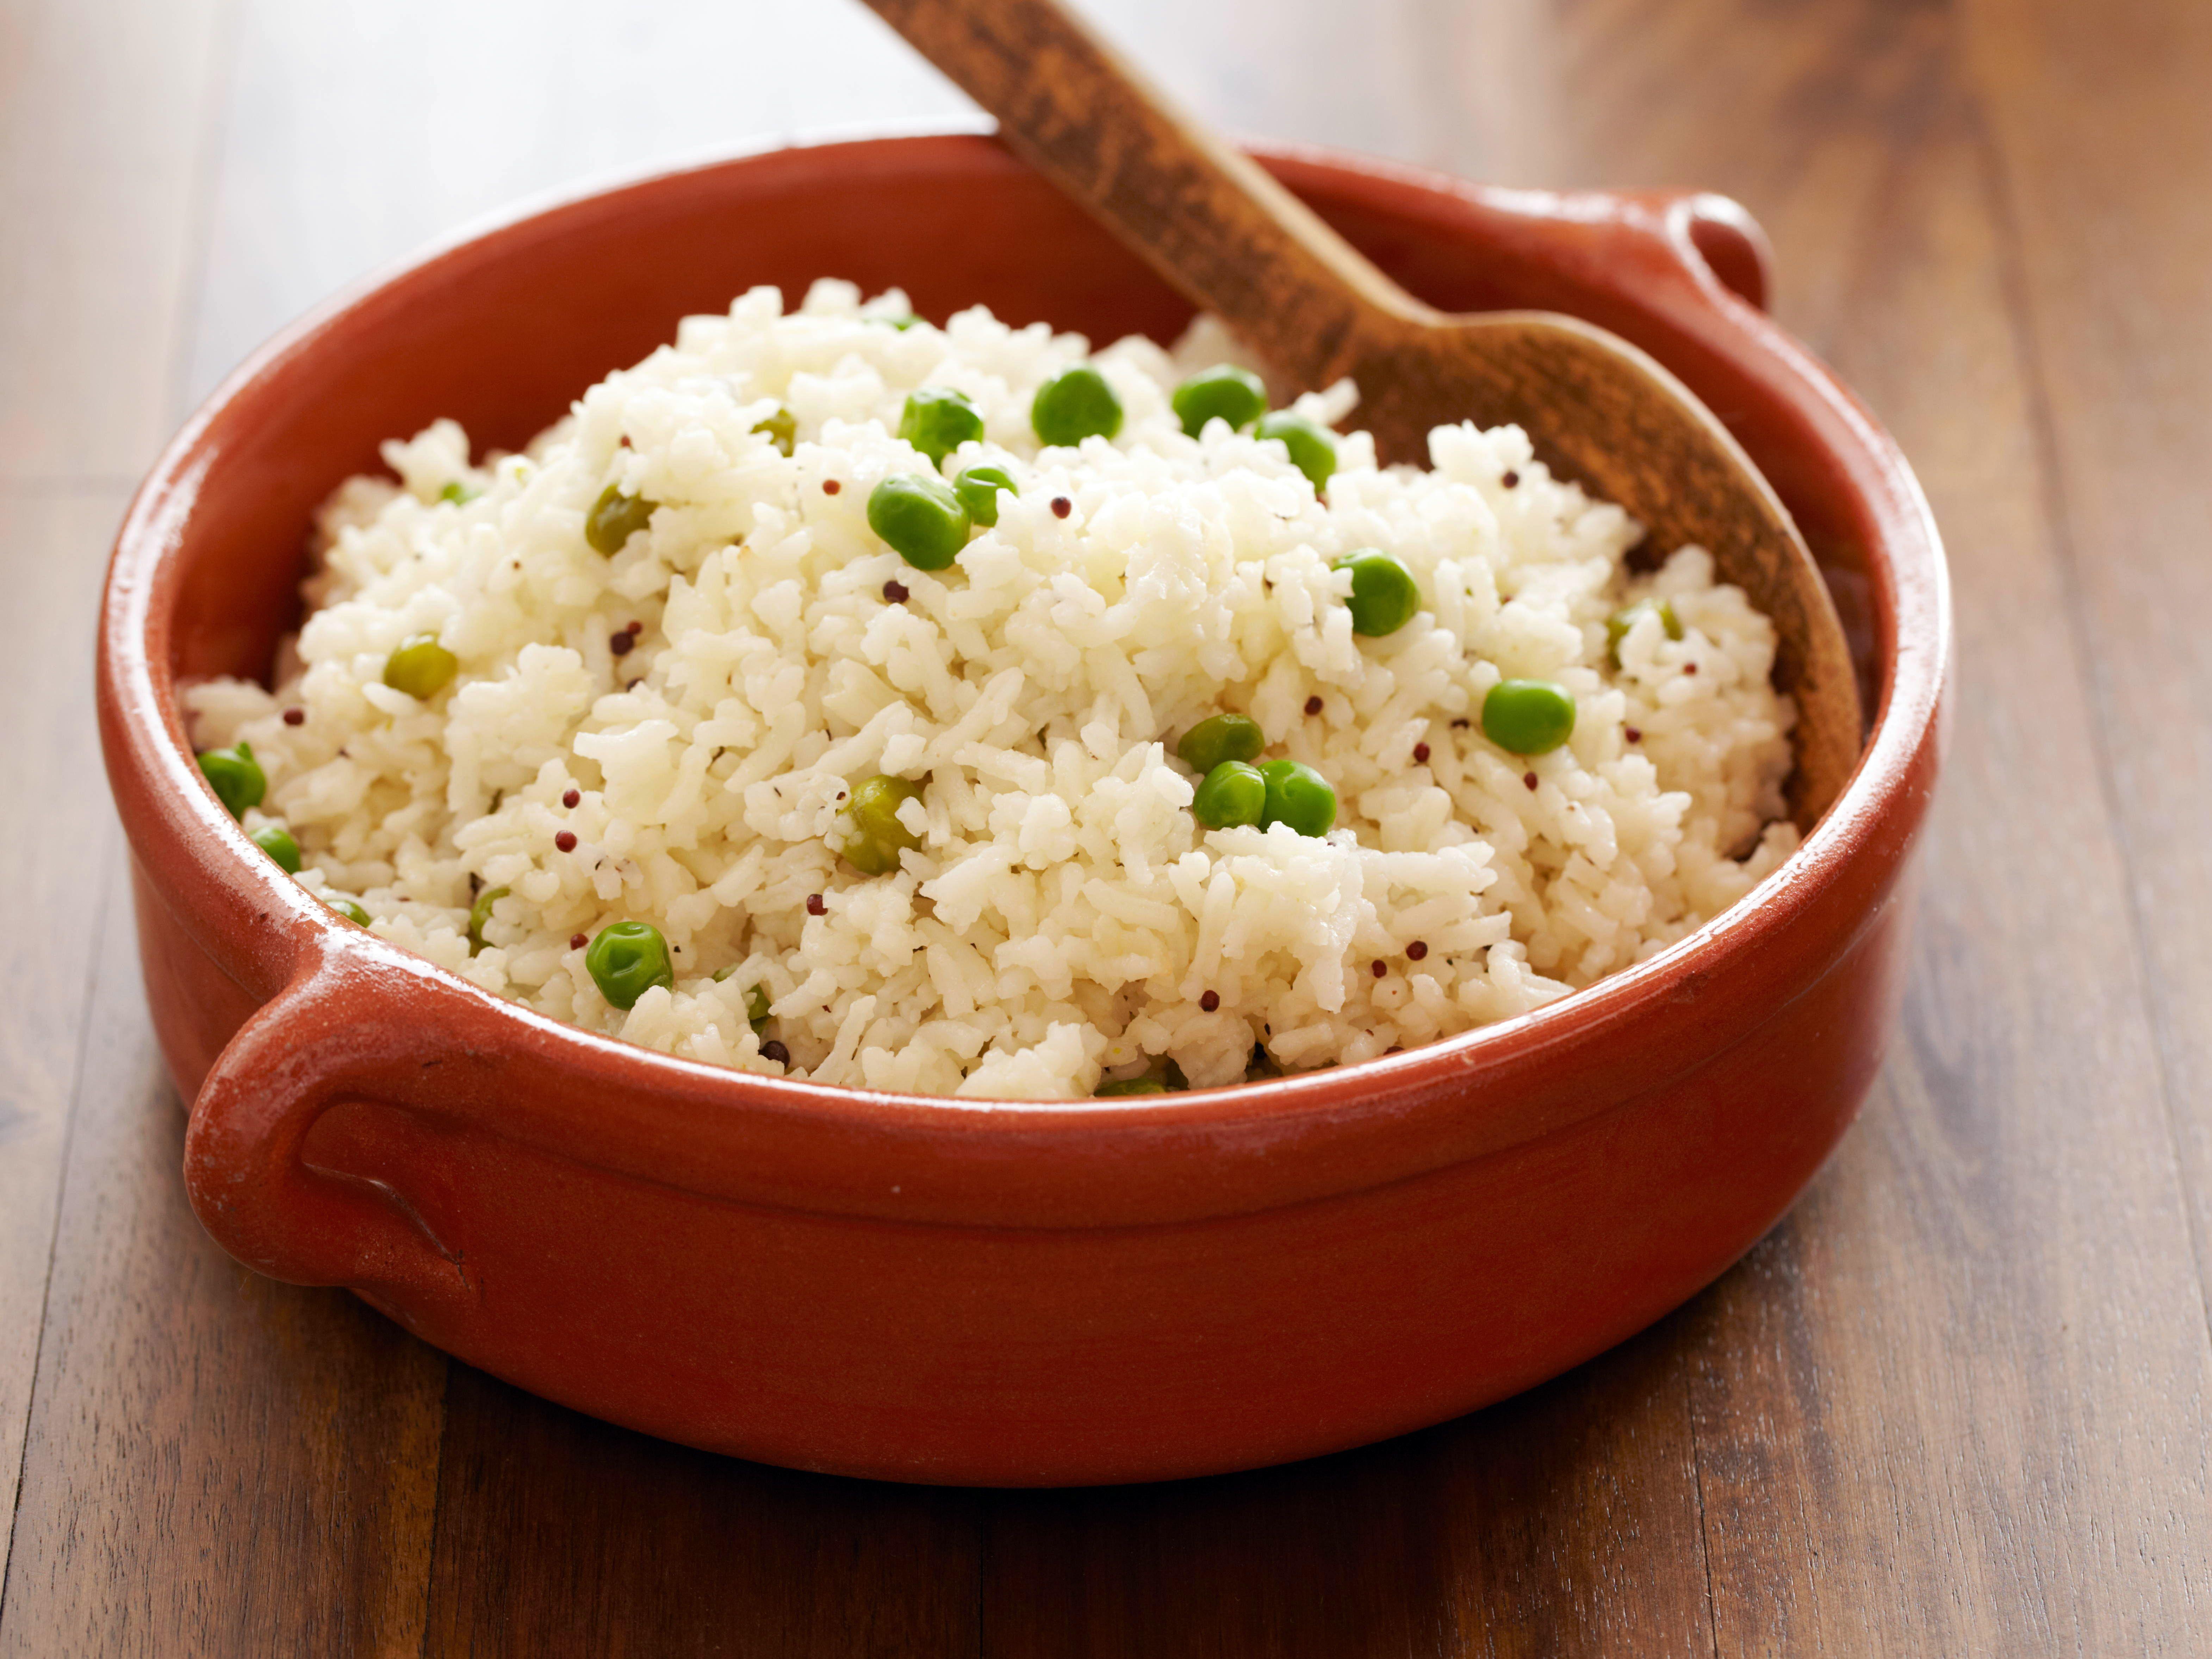 Atenție! Vă puteți otrăvi cu arsenic dacă gătiți așa orezul. Milioane de oameni fac greșeala